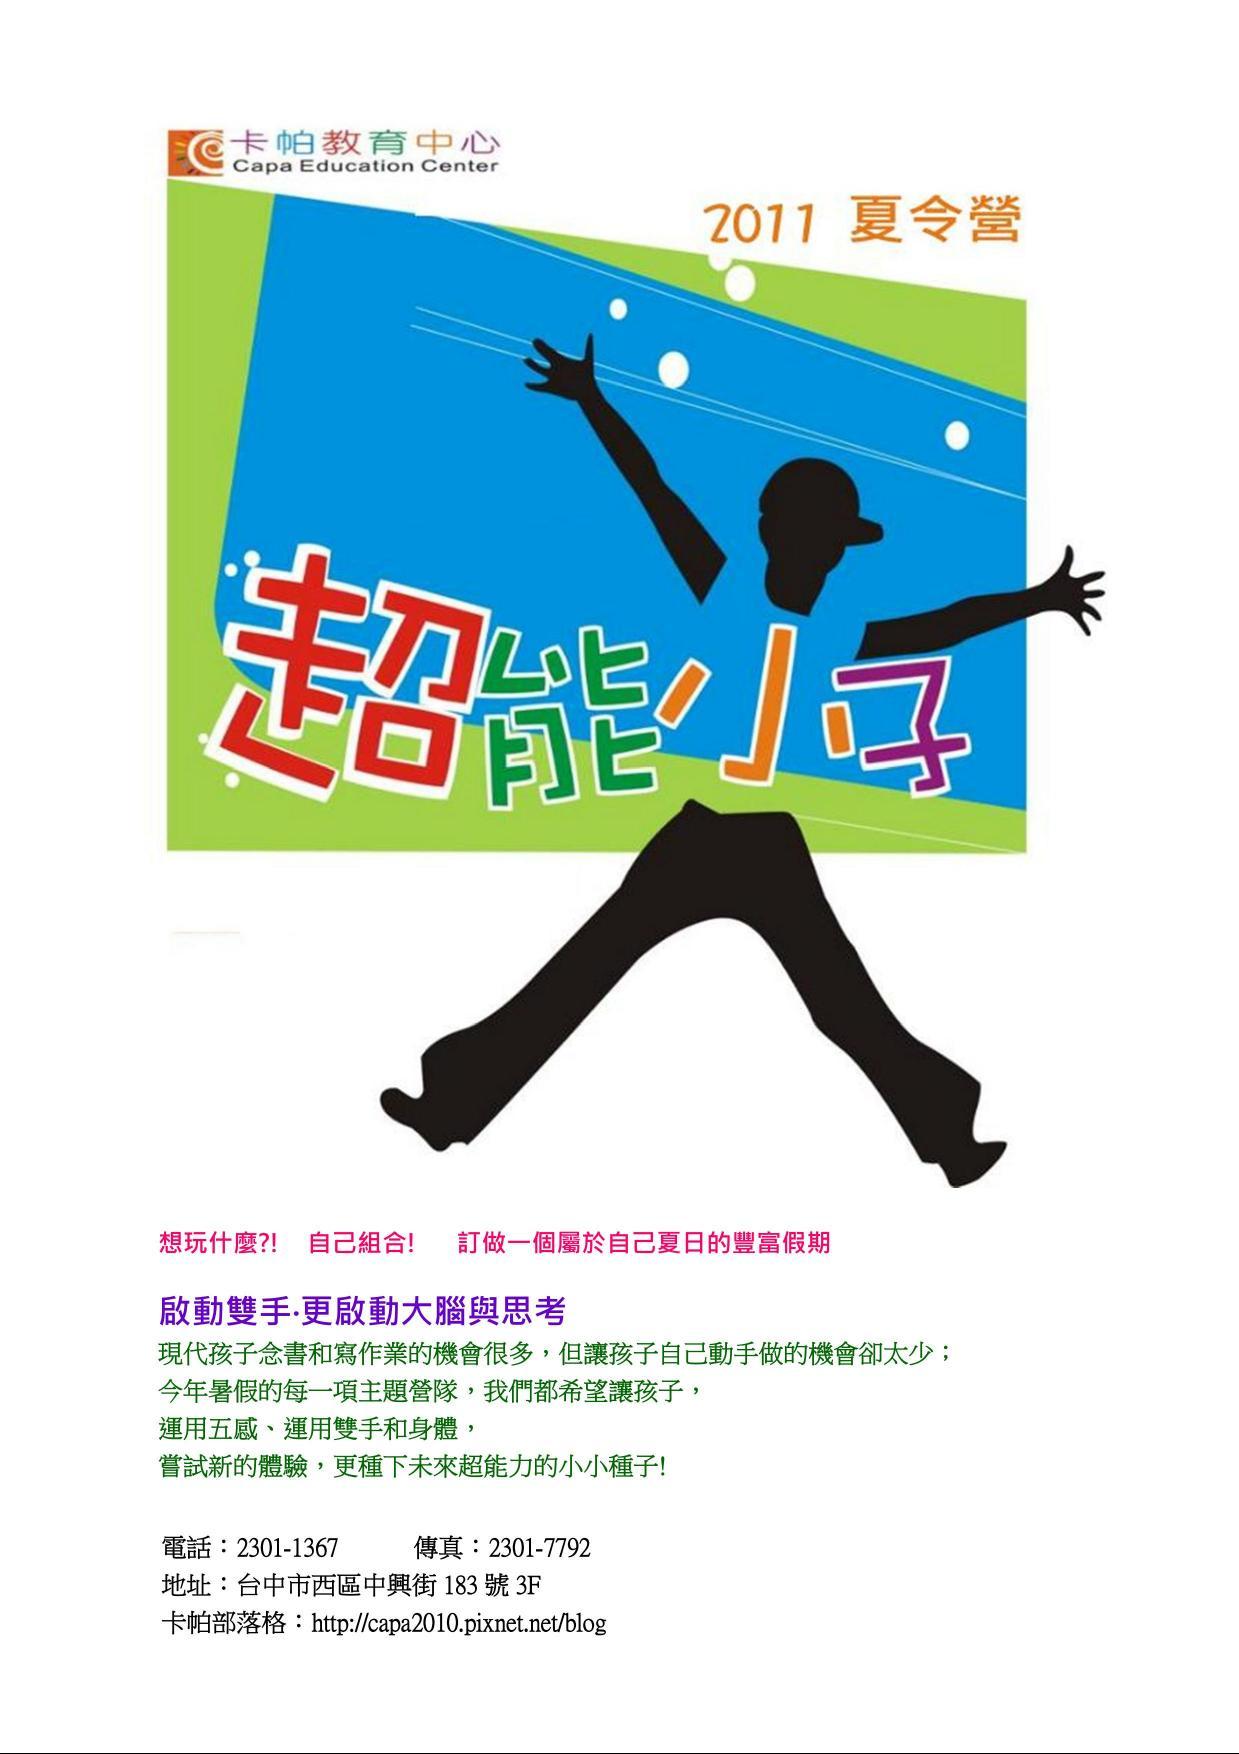 2011夏令營封面0530_01.jpg